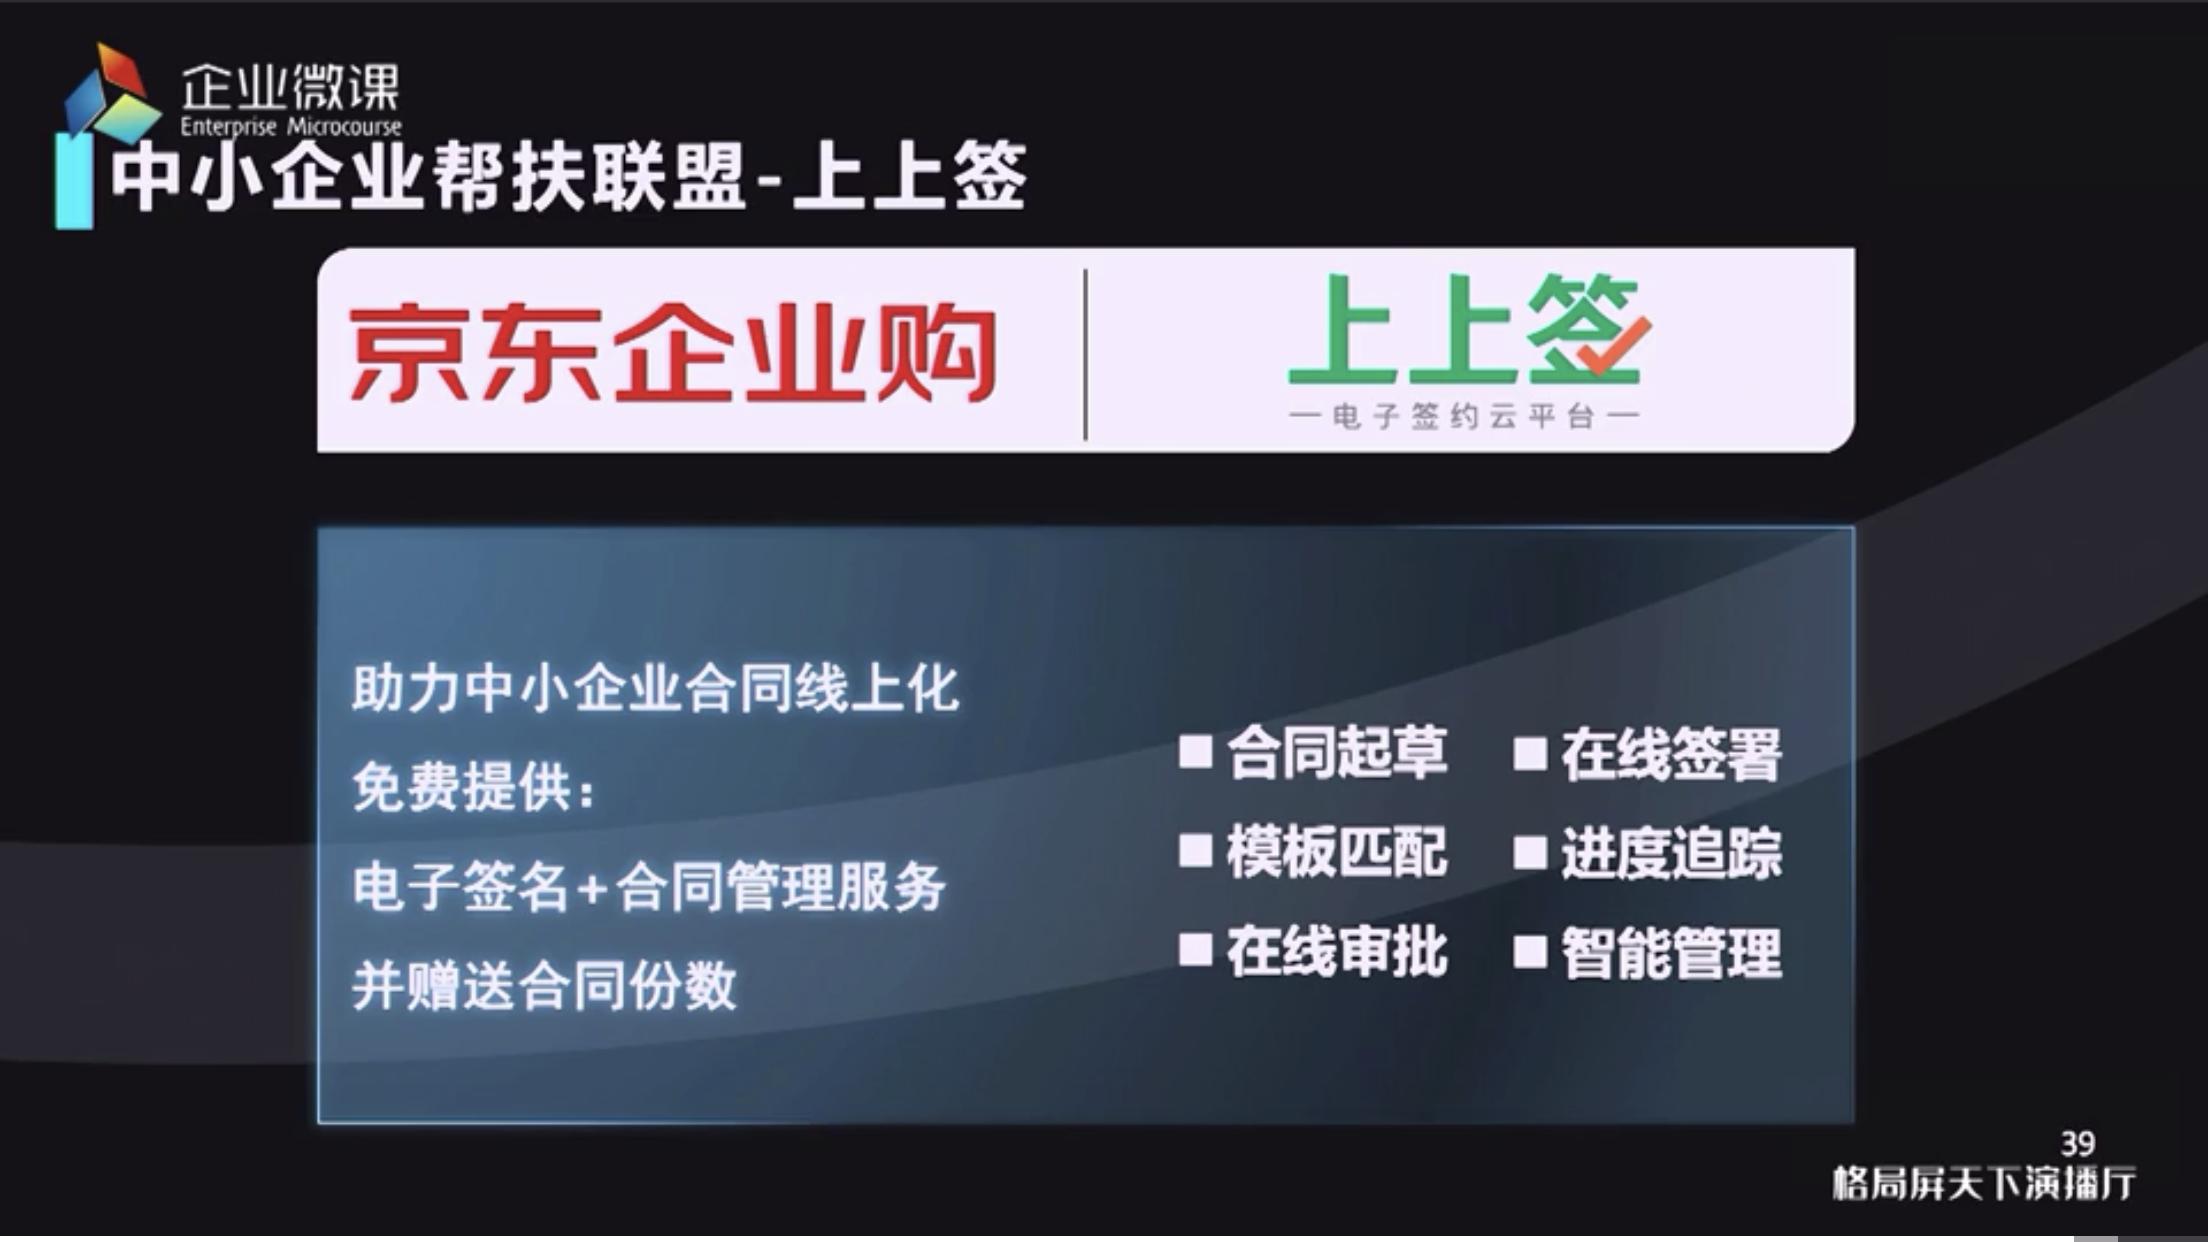 """上上签联合京东企业购推出""""中小企业帮扶计划"""",电子签名助企业快速复工"""